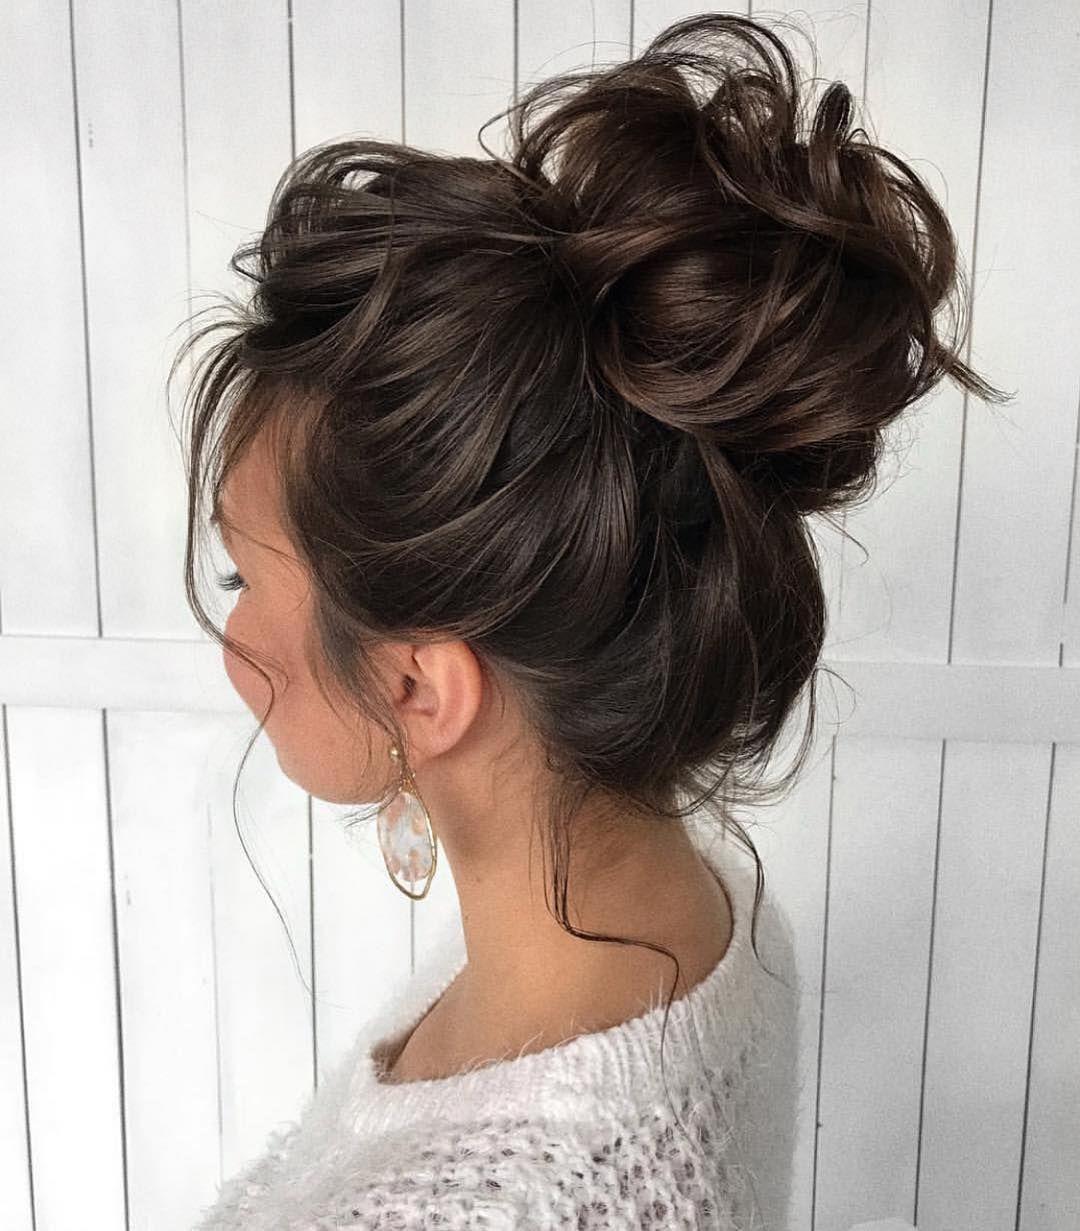 """Offizielle Nummer 4 #HairCare auf Instagram: """"BunGlam Bun ✨    Perfektes Haar für ein wunderschönes #Wochenende oder eine #Hochzeit 👰🏻   Würdest du nicht zustimmen?"""" Kommentieren Sie unten und sagen Sie uns, wo Sie wollen … """""""